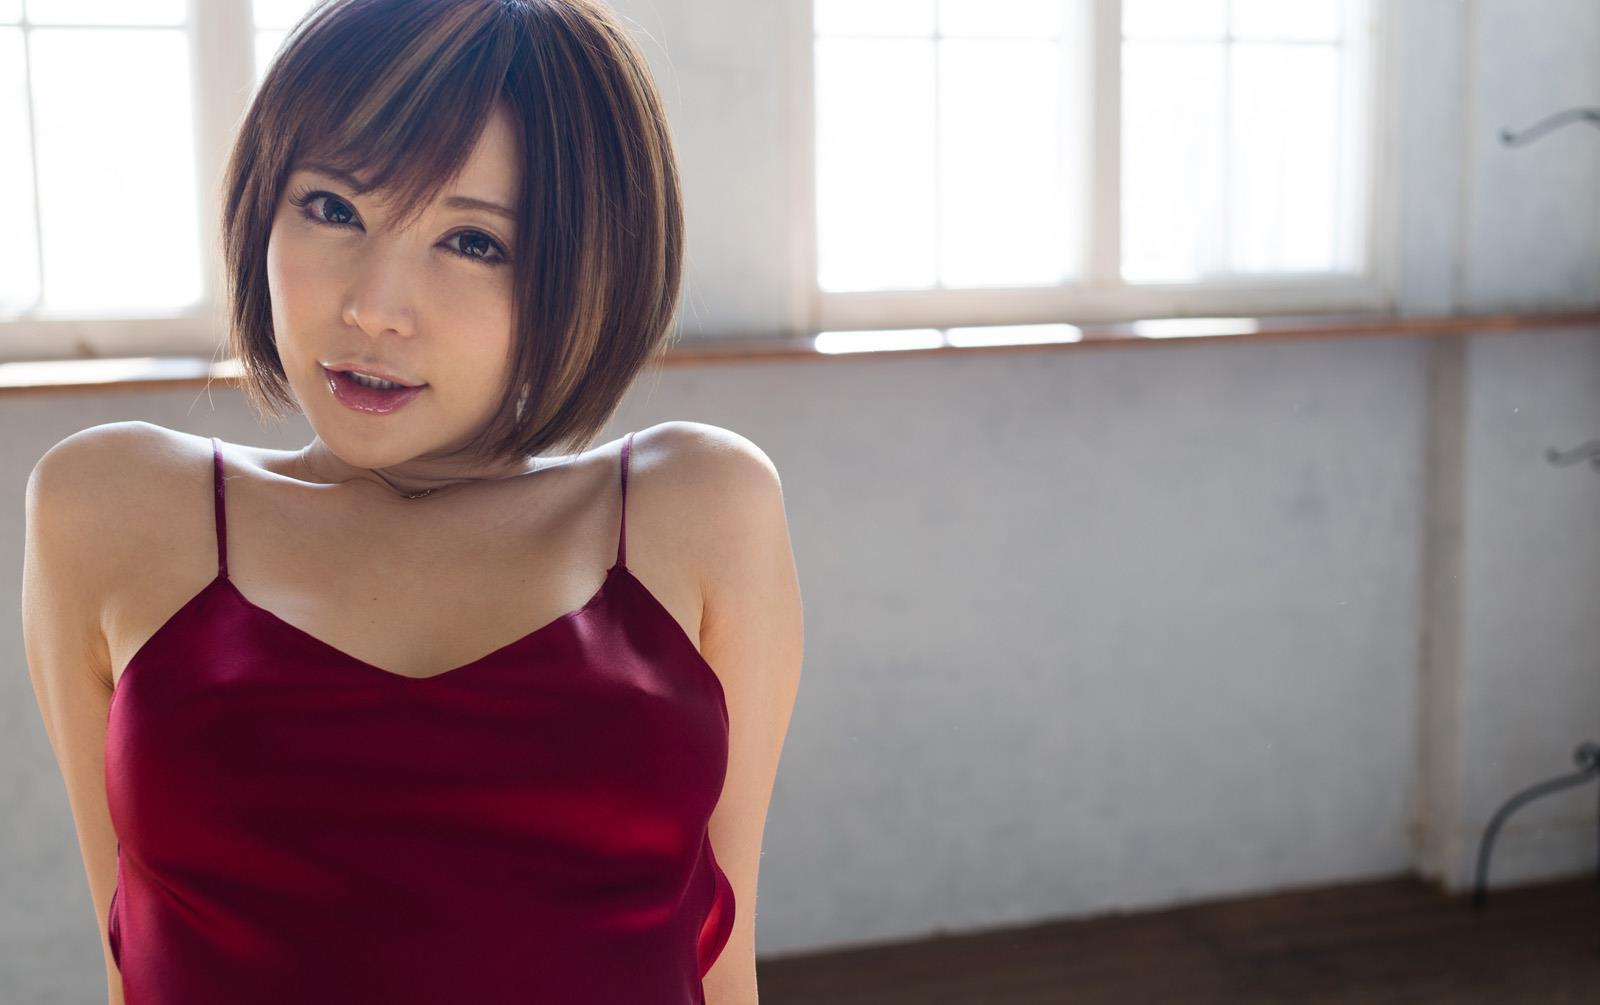 里美ゆりあ(小泉彩) ヌード画像 4